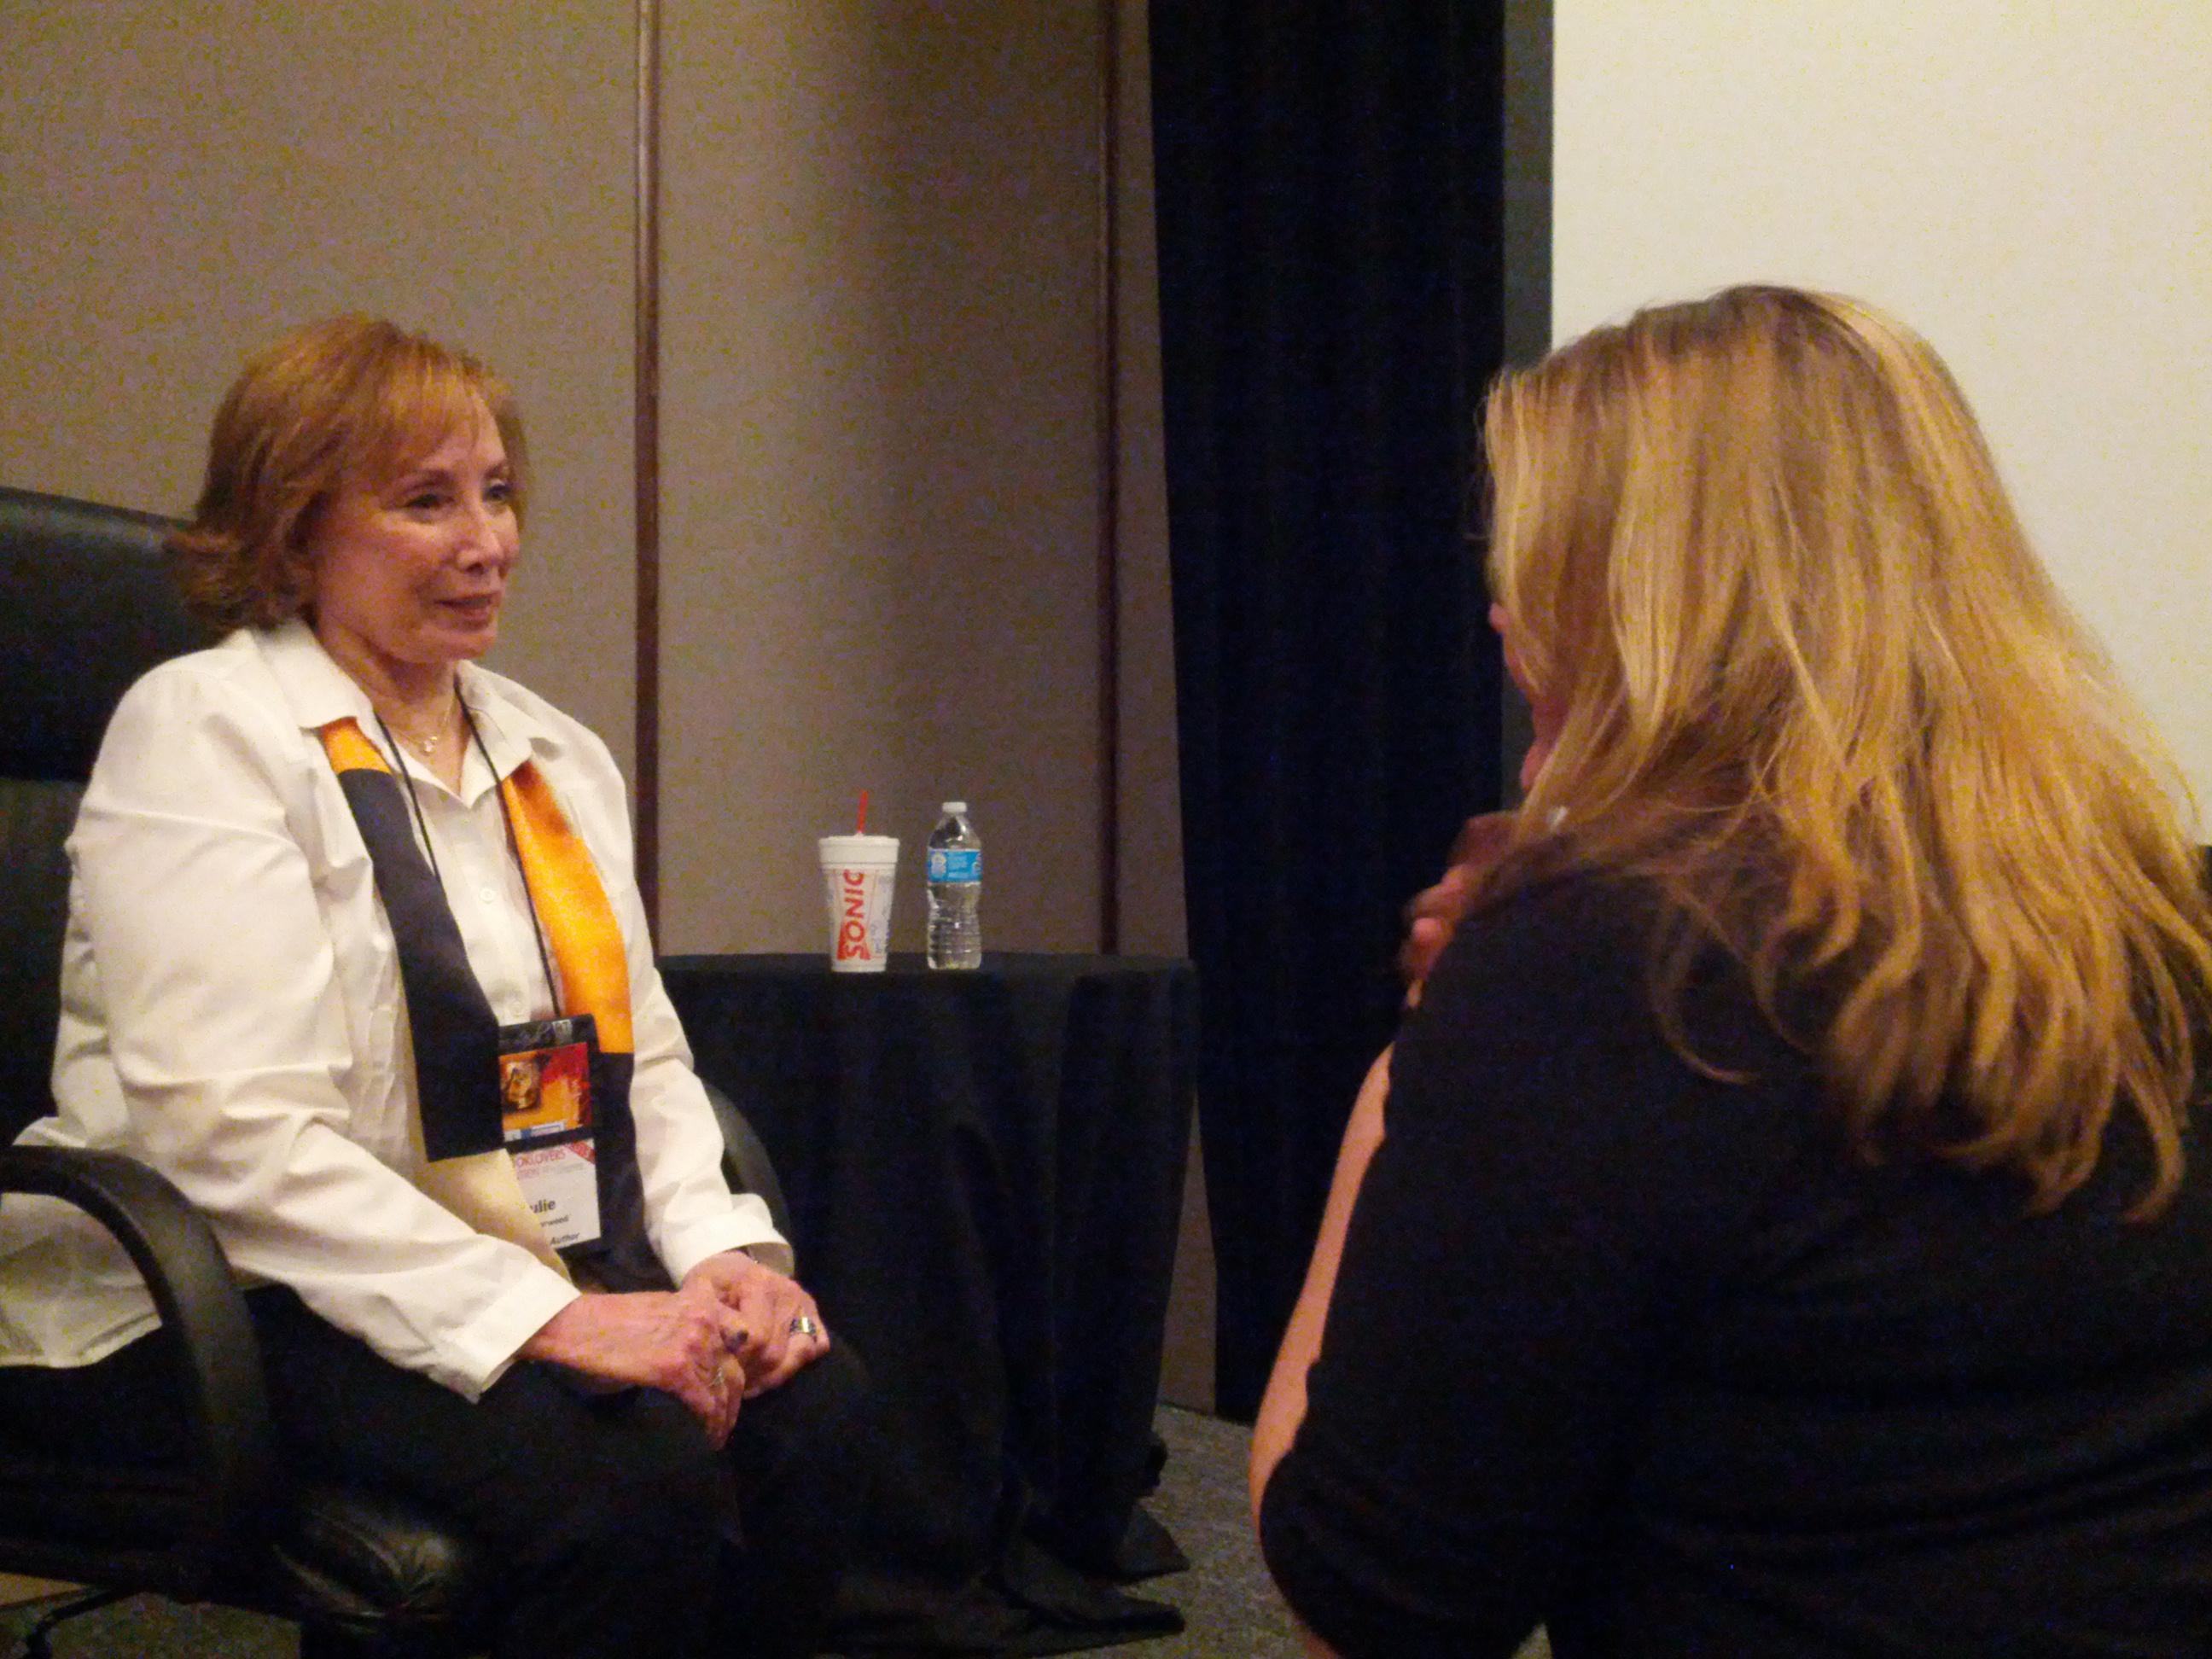 Sarah MacLean meets Julie Garwood